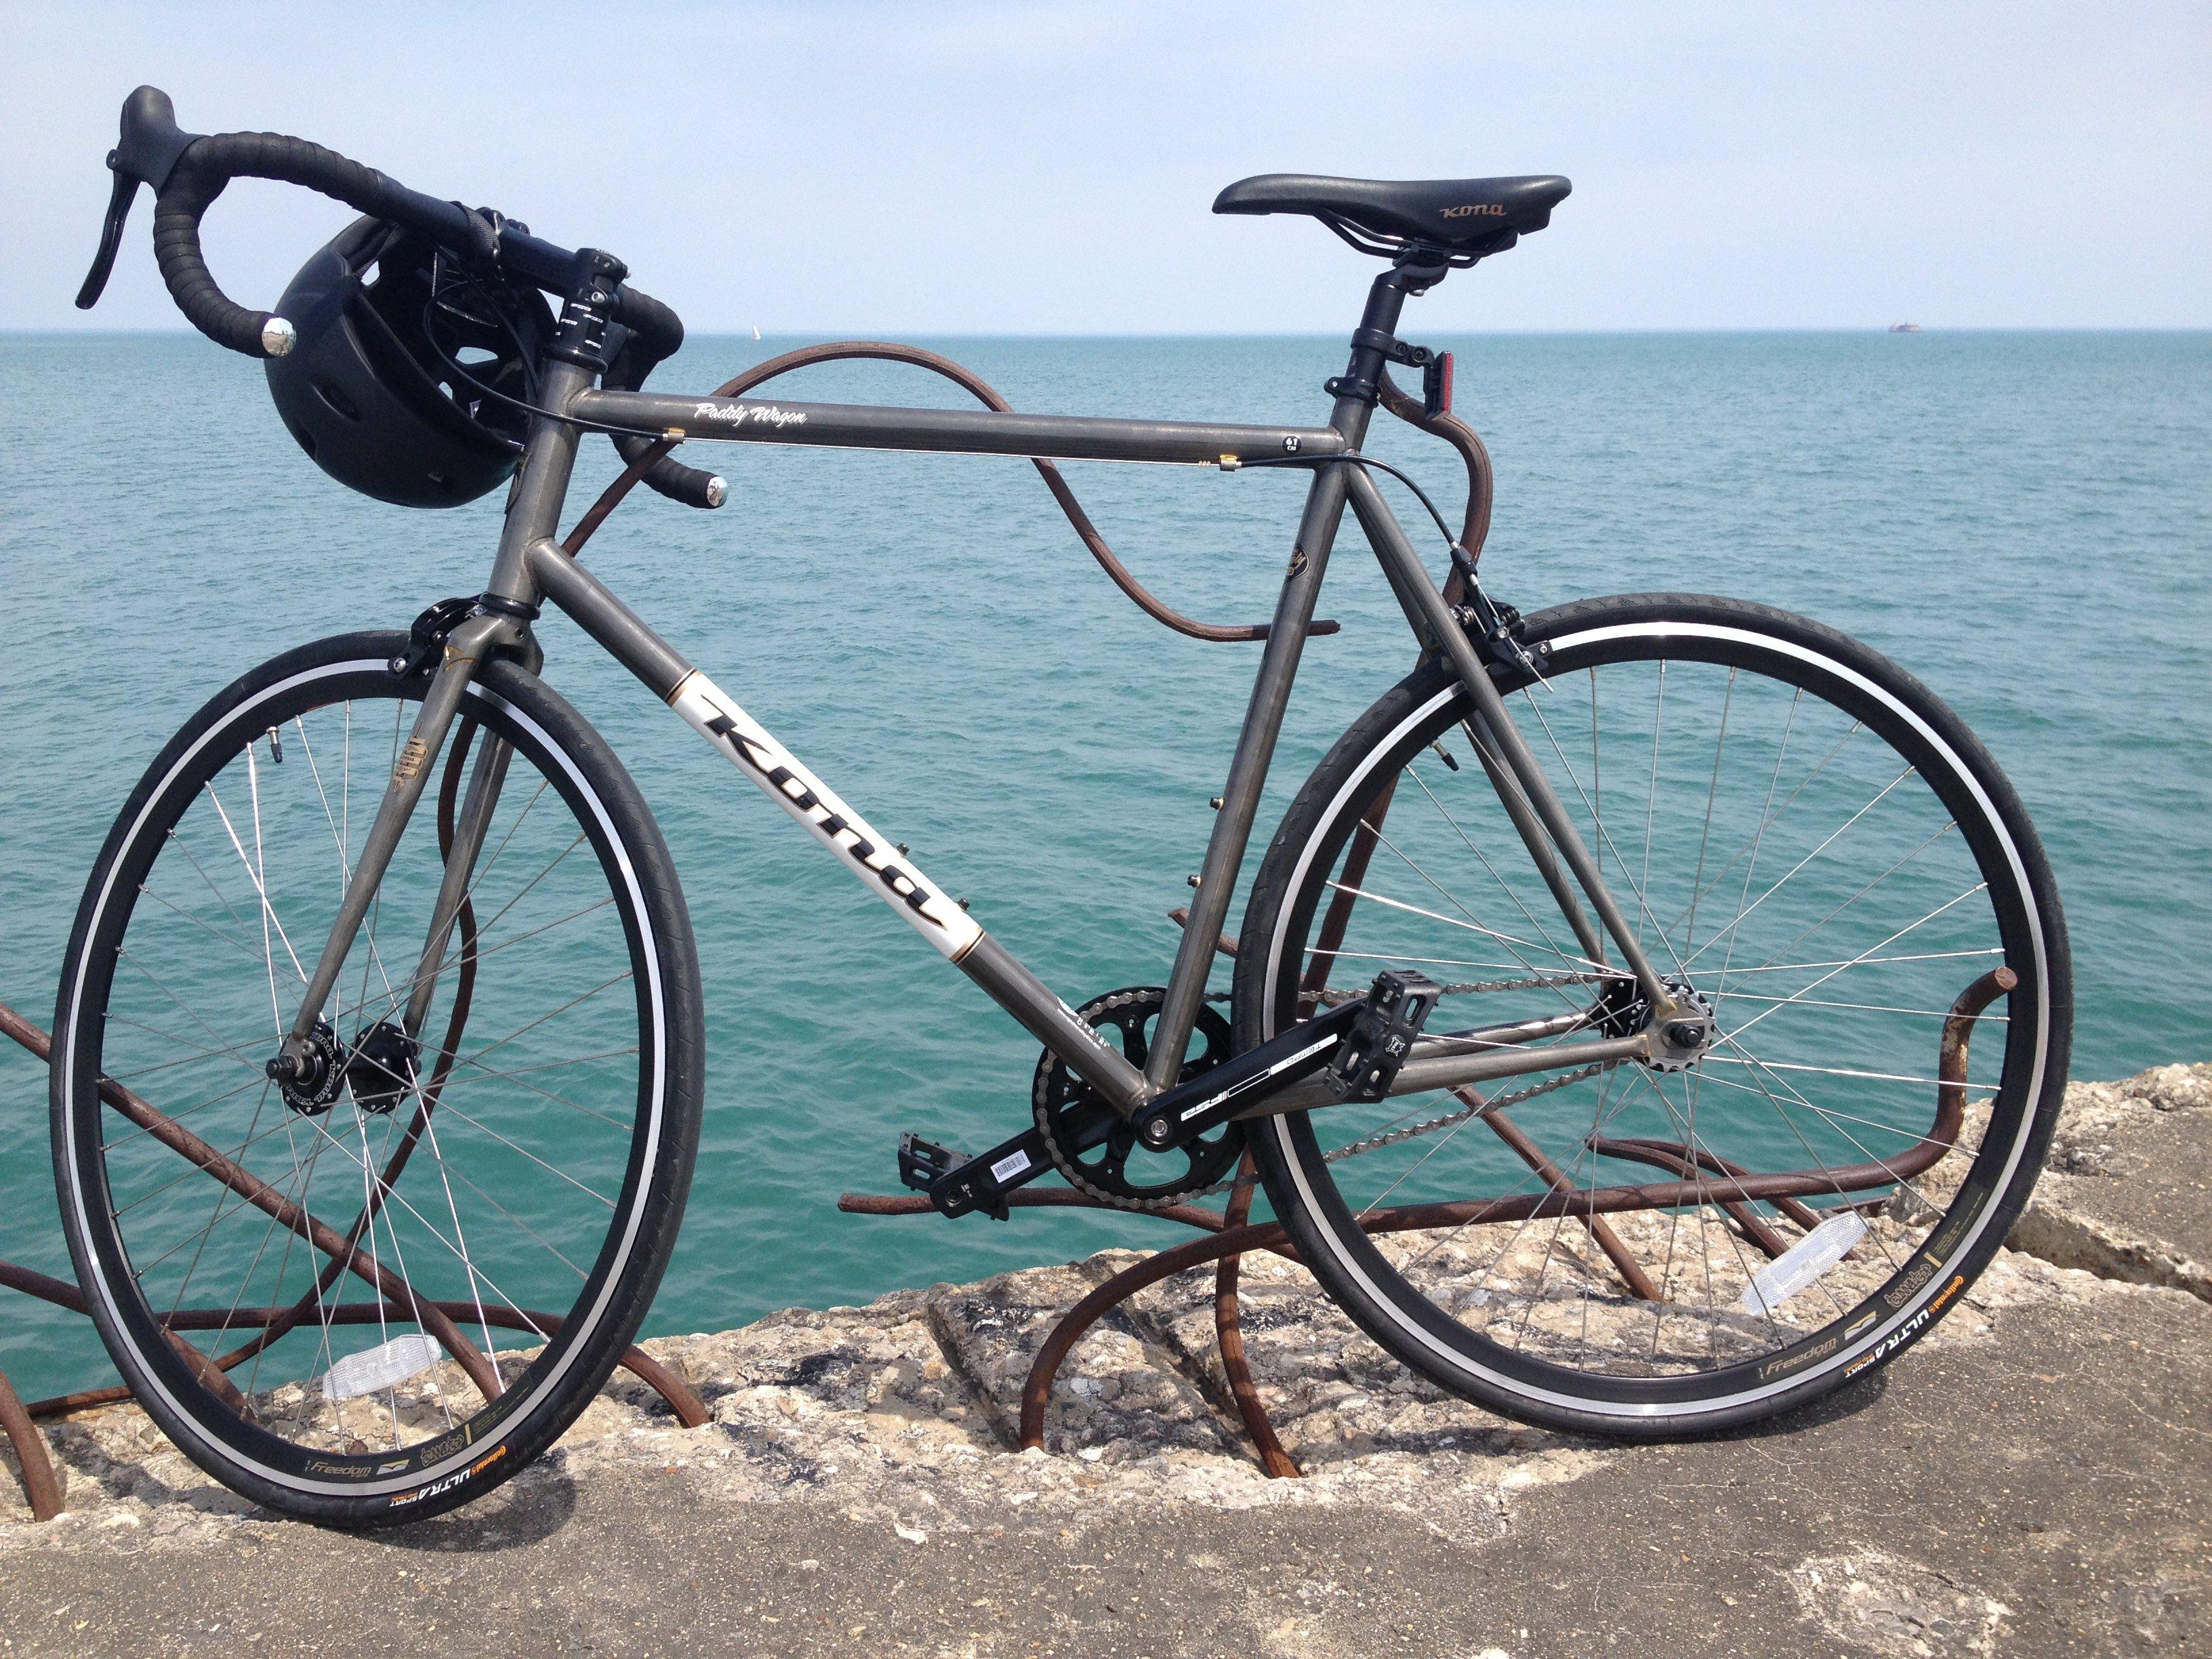 2013 Kona Paddy Wagon Raw Chicago Stolen Bike Registry